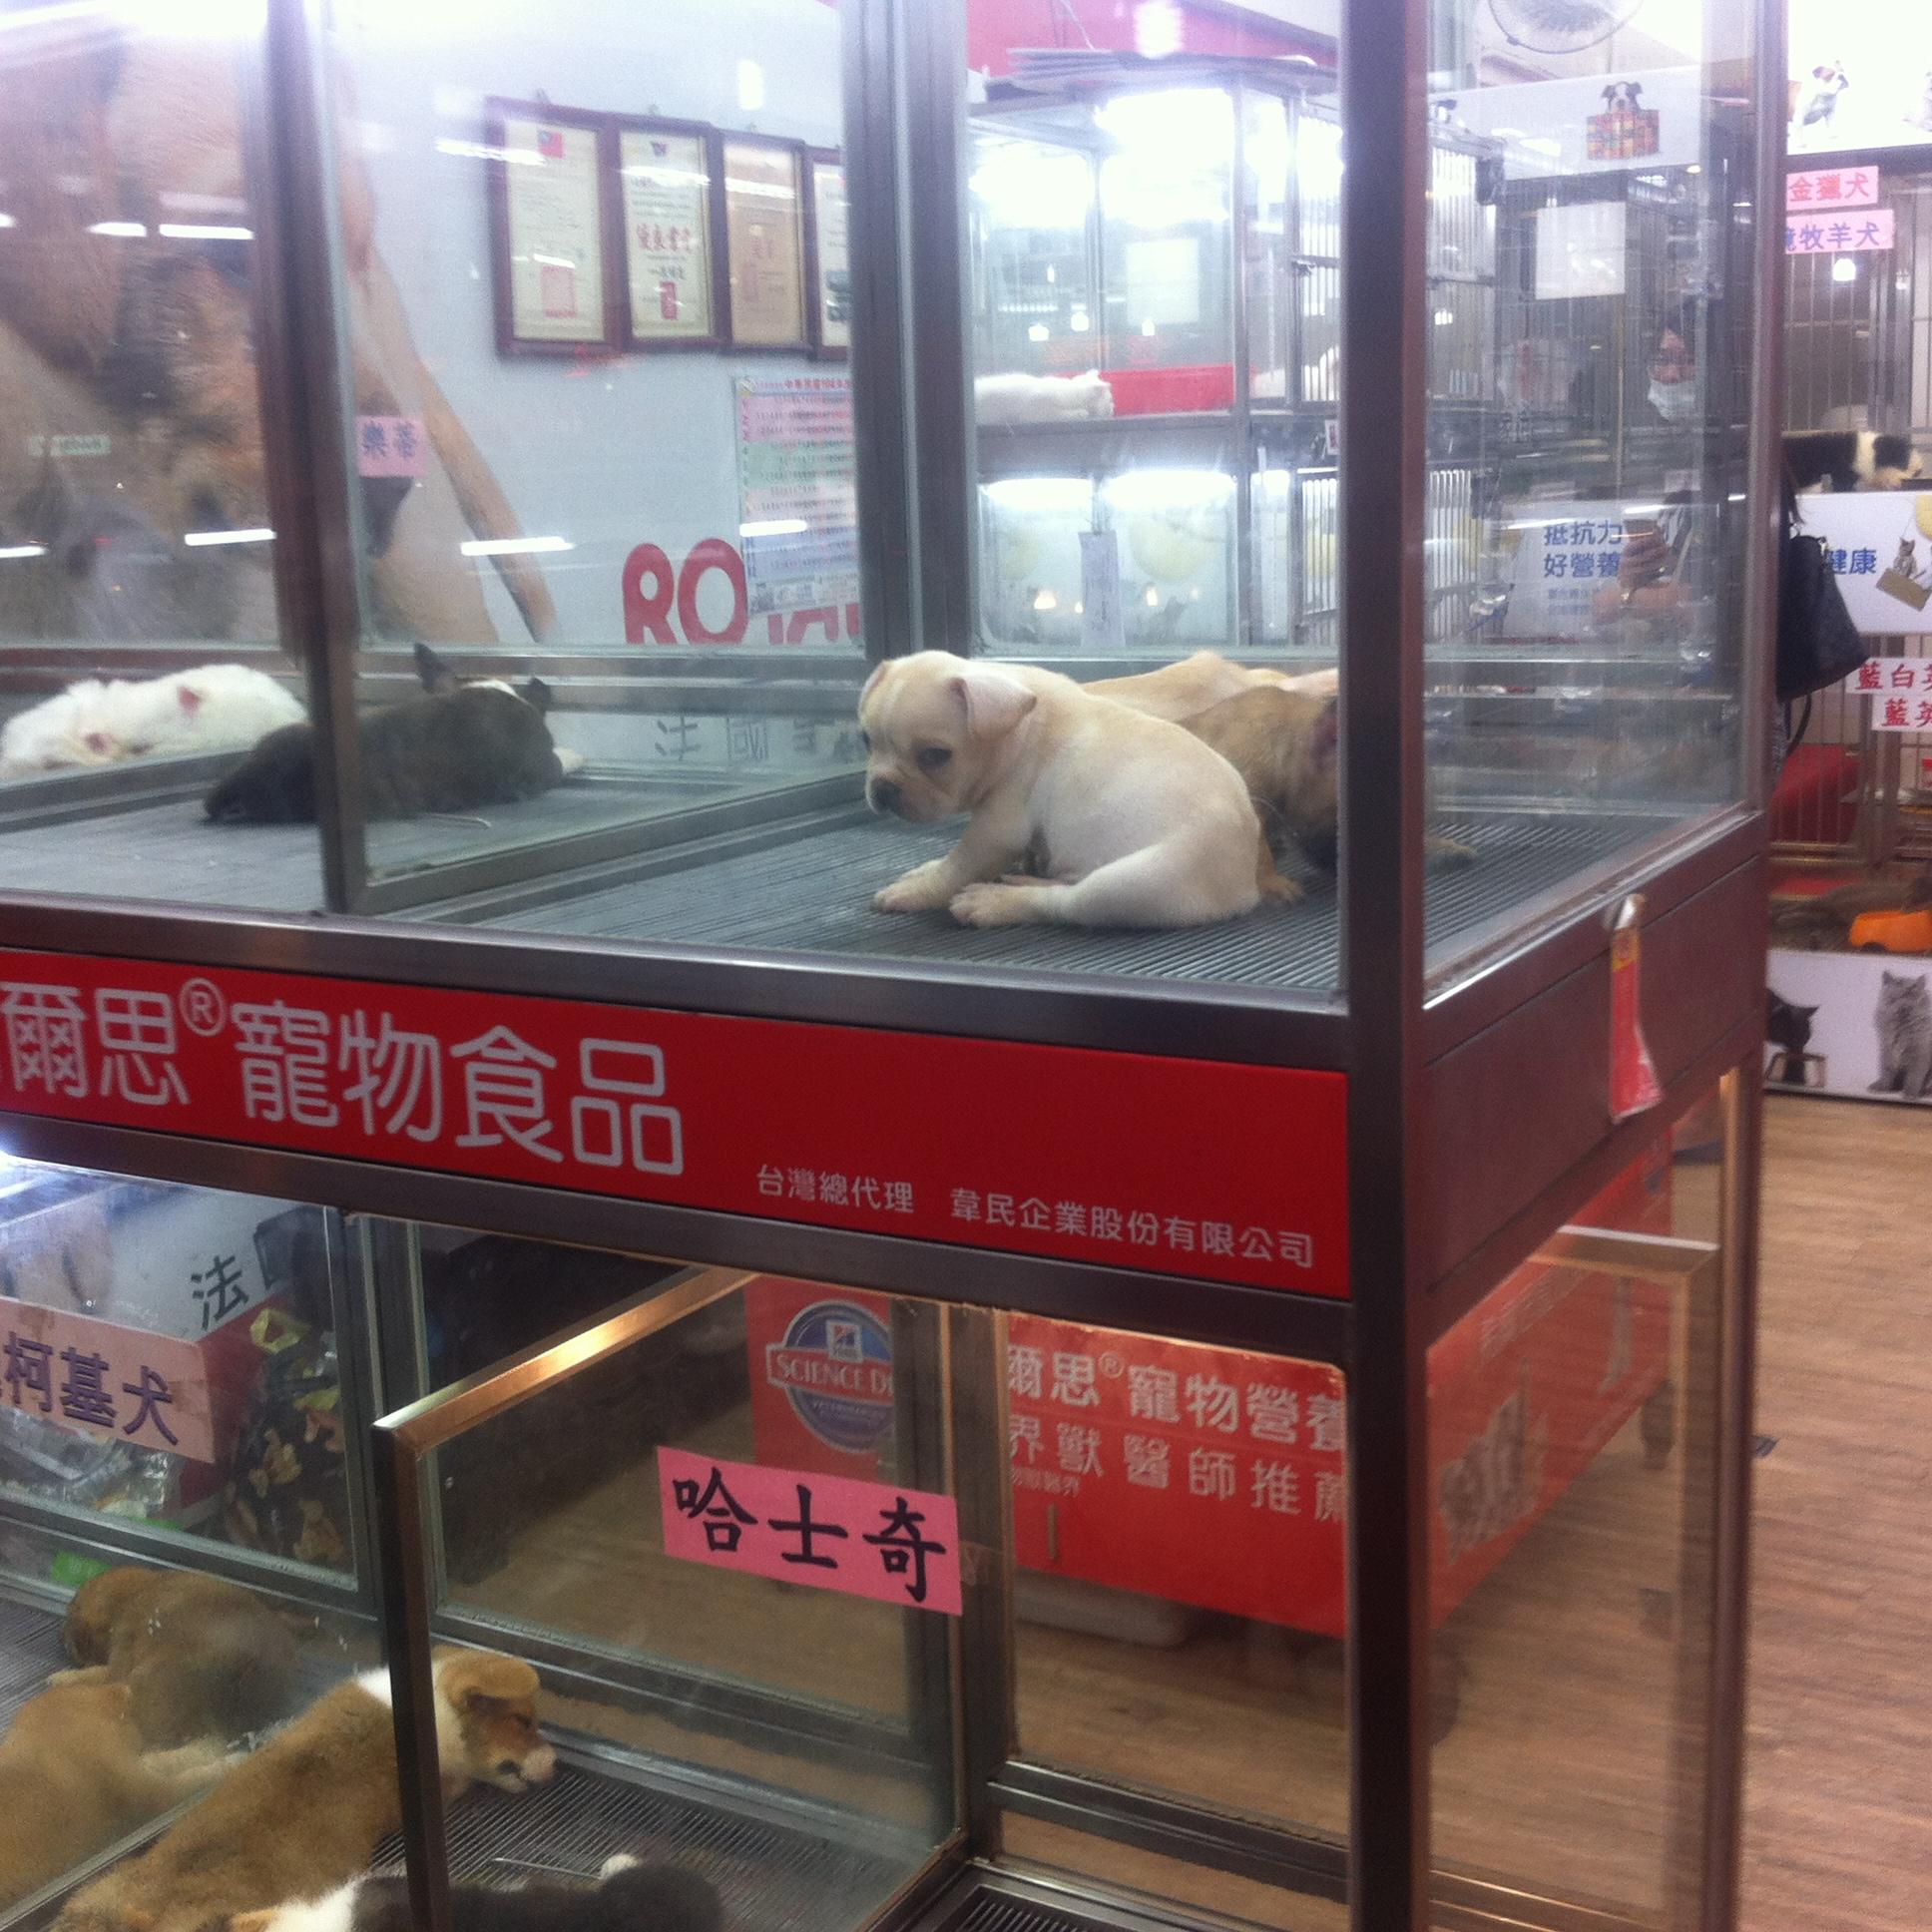 【買い物】臨江街夜市に来たならペット用品もチェック!